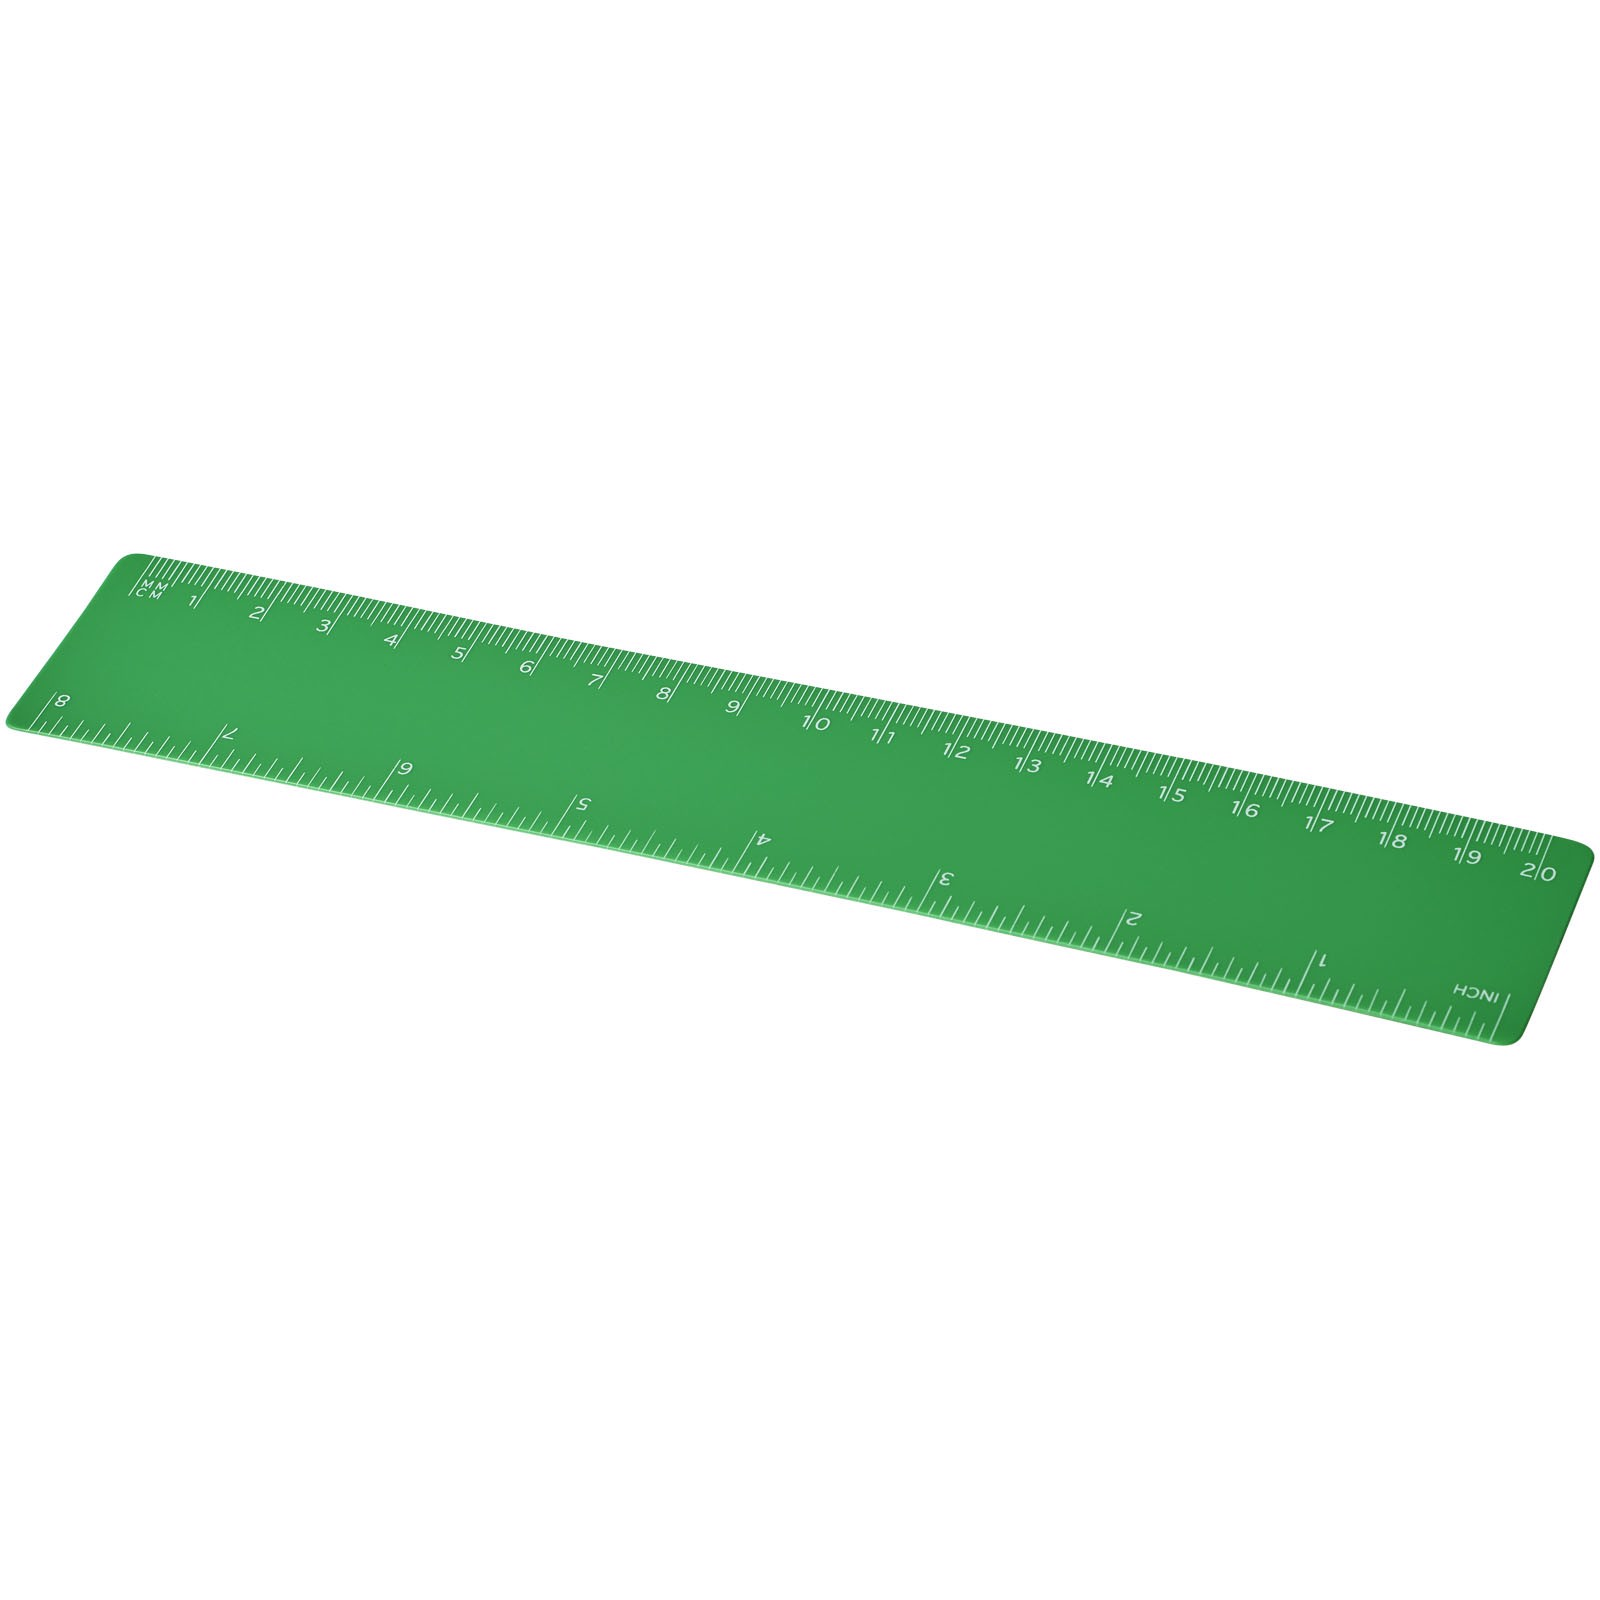 Rothko 20 cm plastic ruler - Green